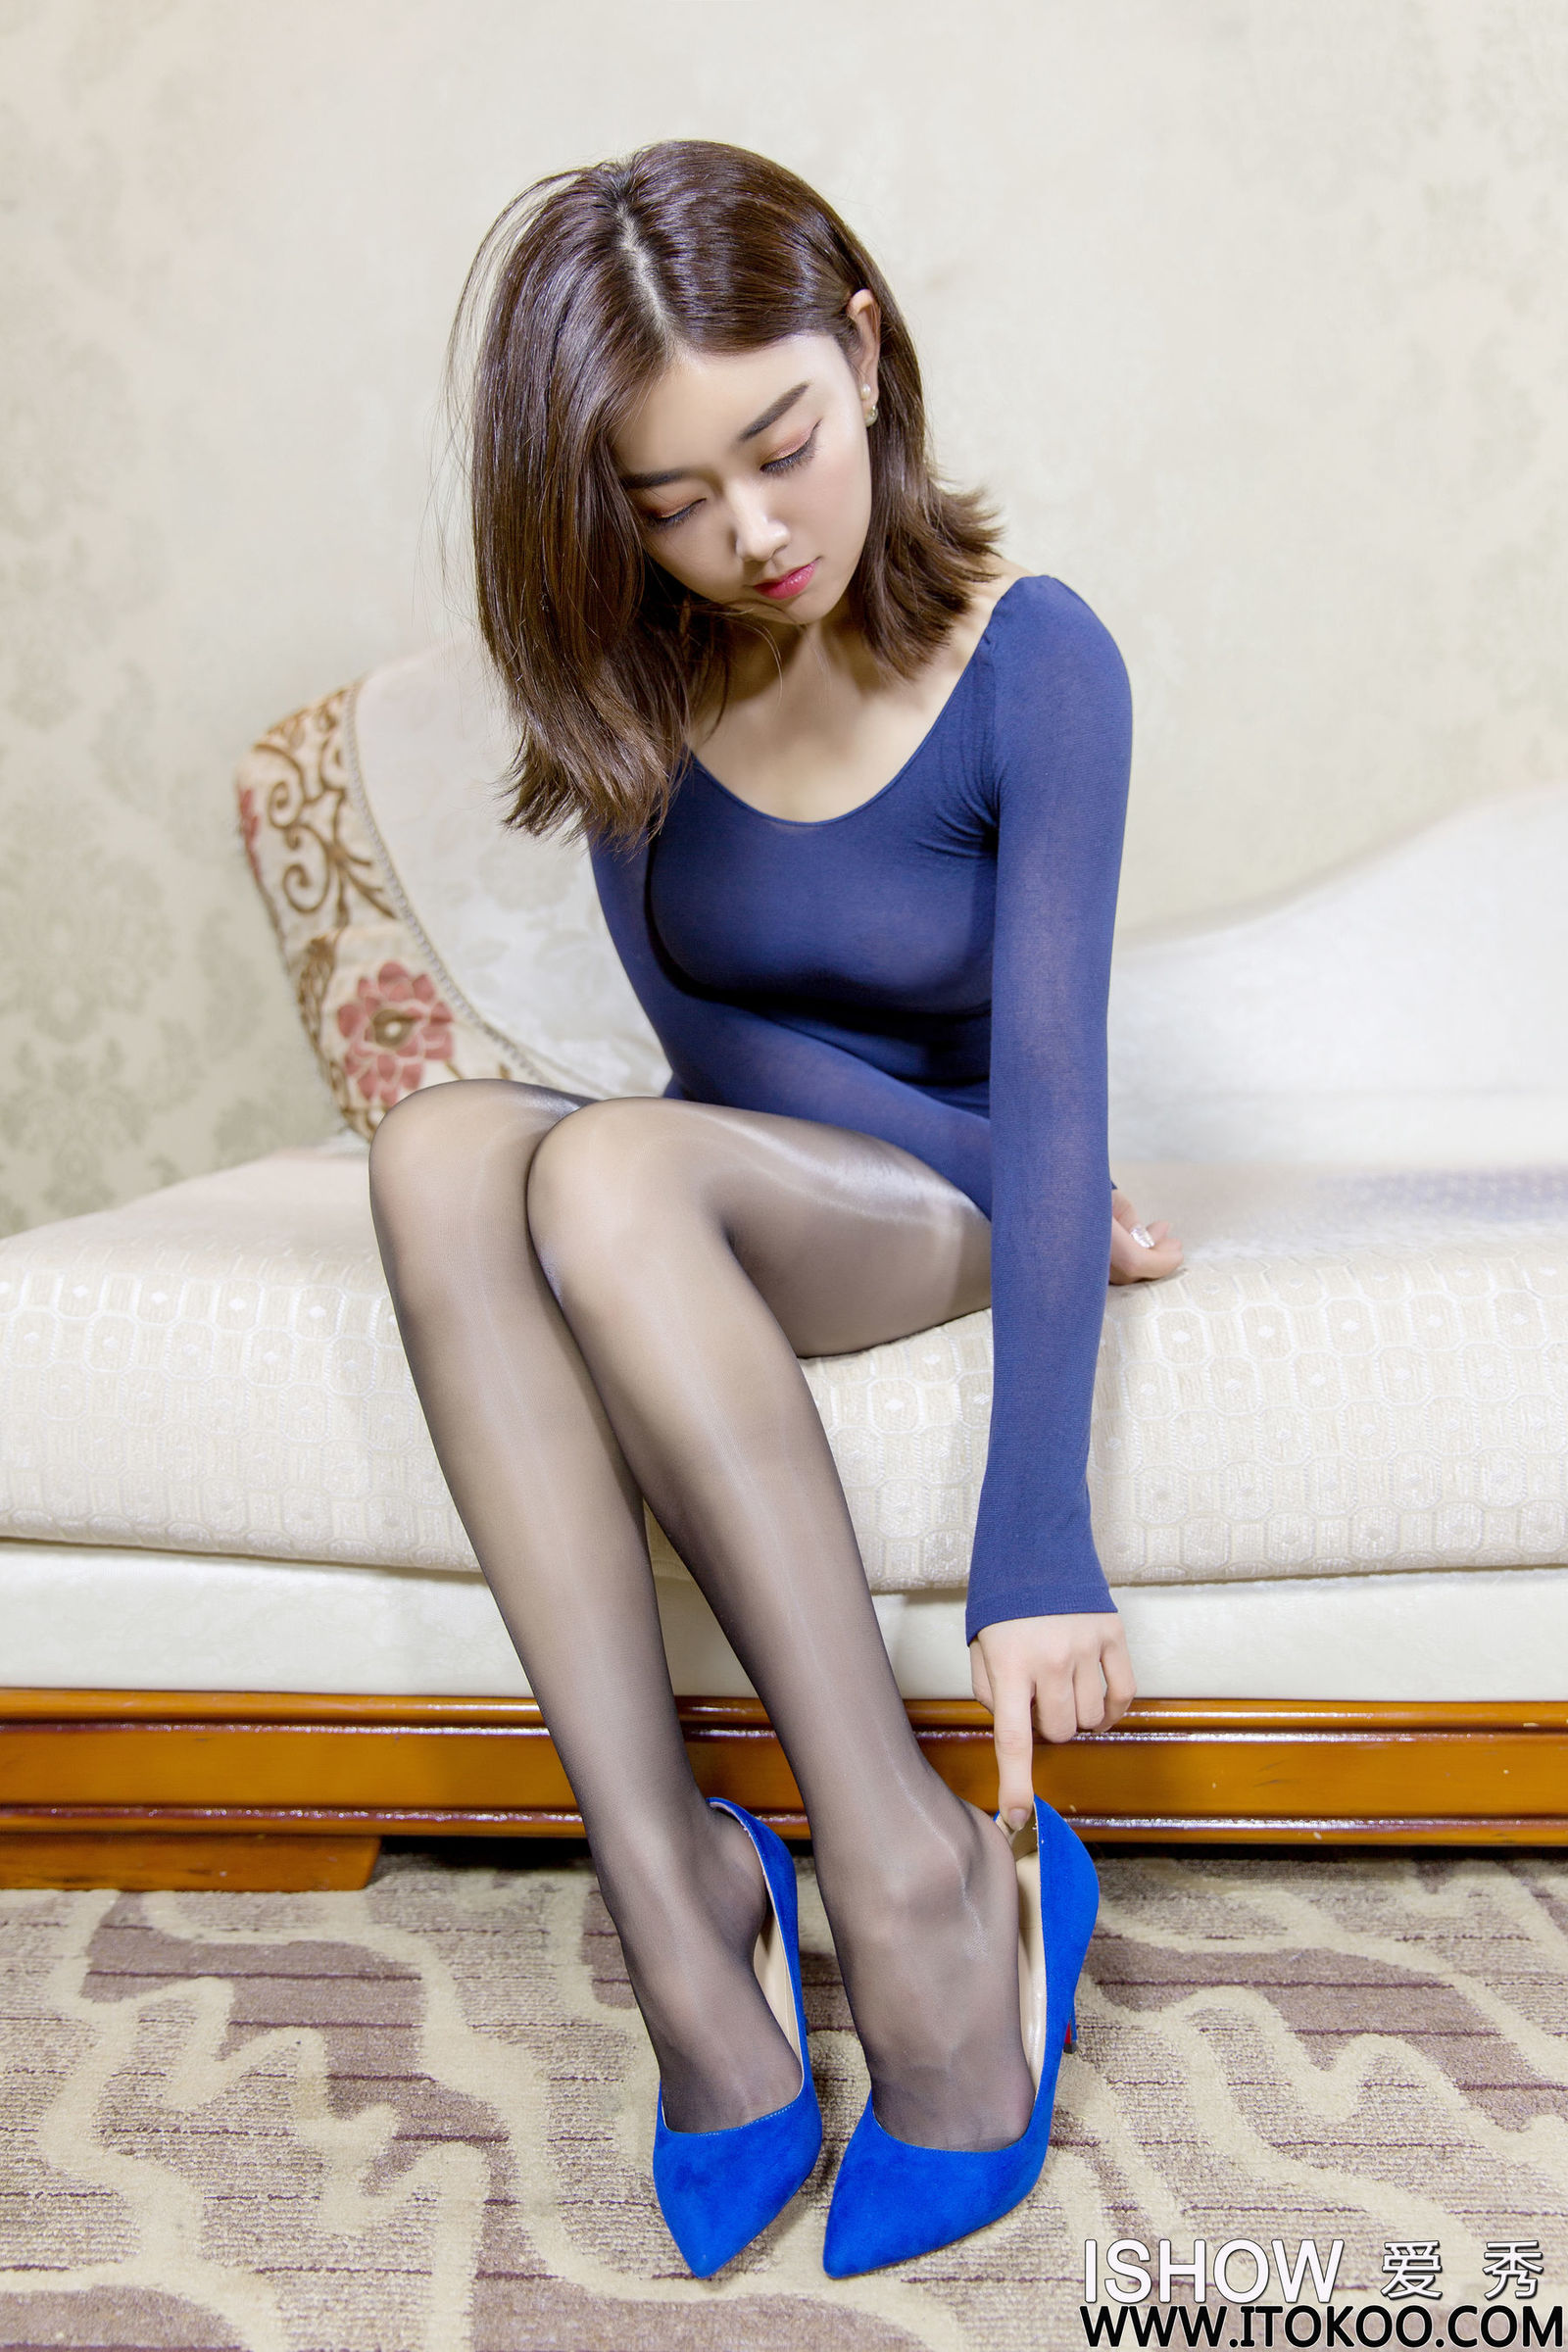 林琳Caroline - 黑丝美腿美脚 写真套图